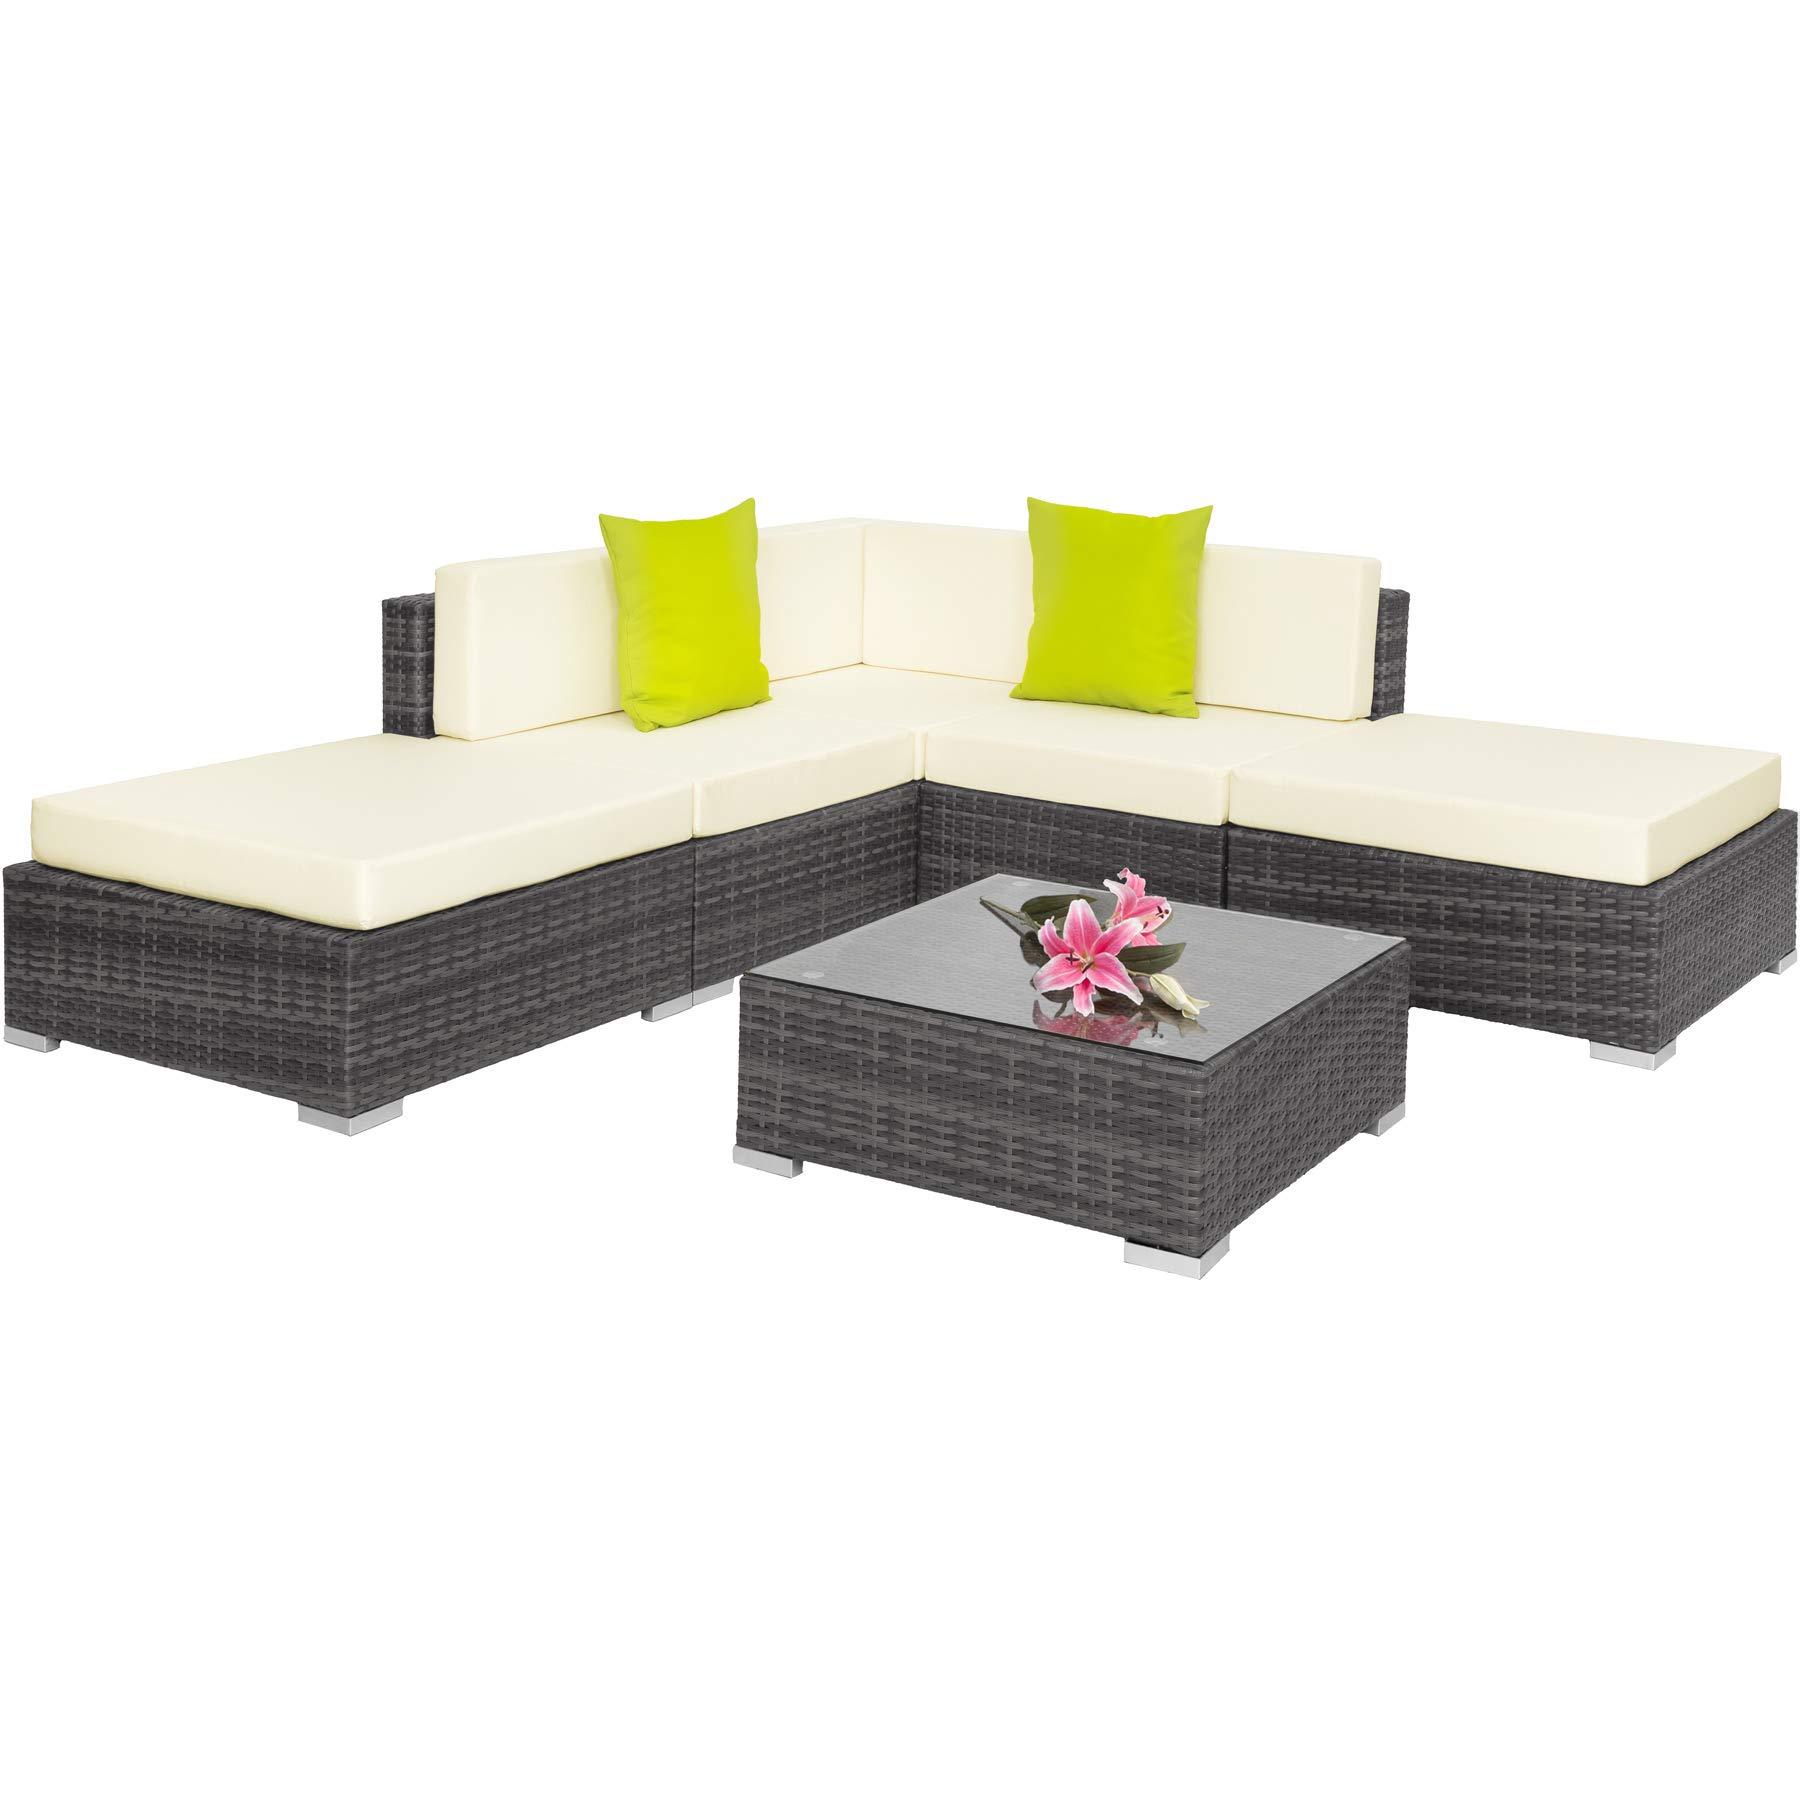 TecTake 403295 Conjunto de Muebles de Ratán, Set Modular Asientos y Mesa, Ideal Jardín Patio Salón, Incl. Cojines, Gris: Amazon.es: Jardín